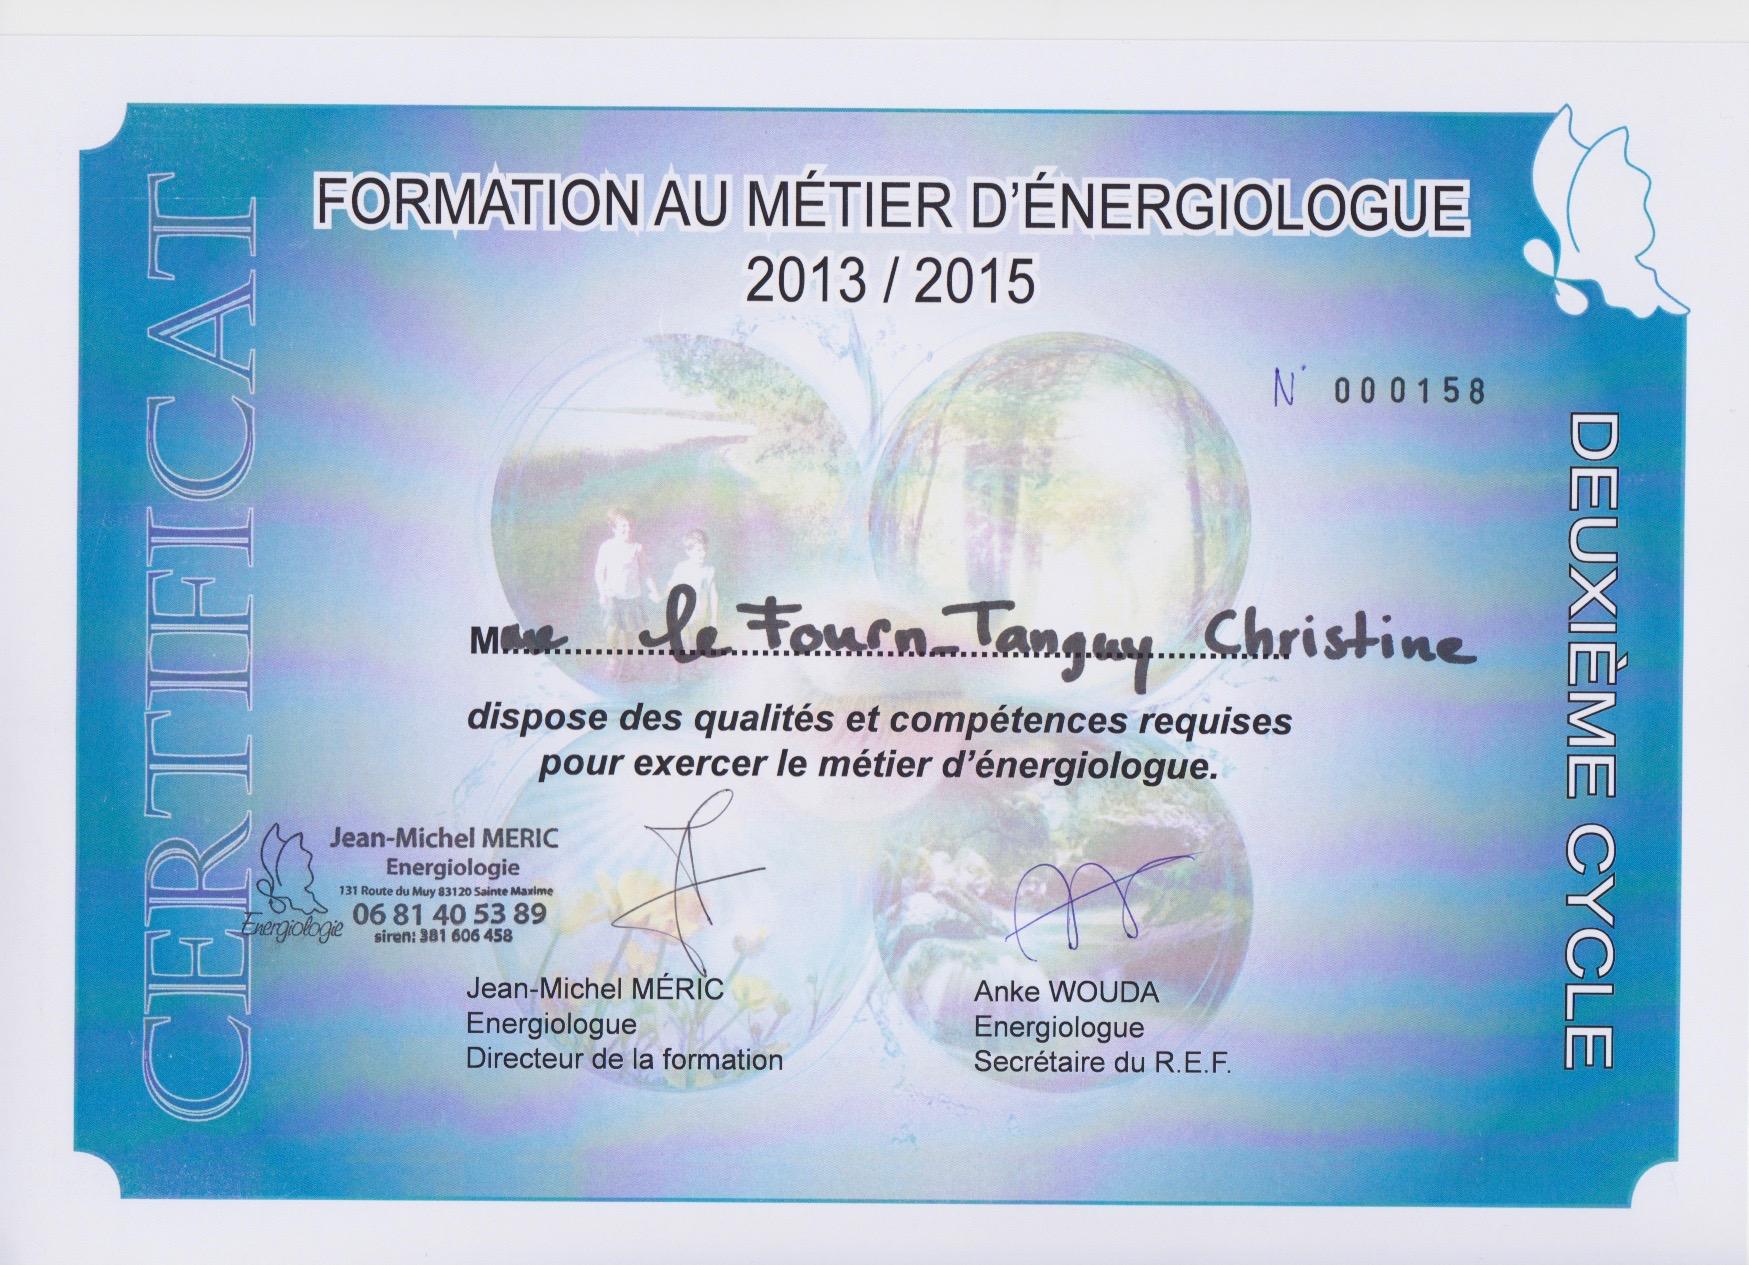 Energiologie